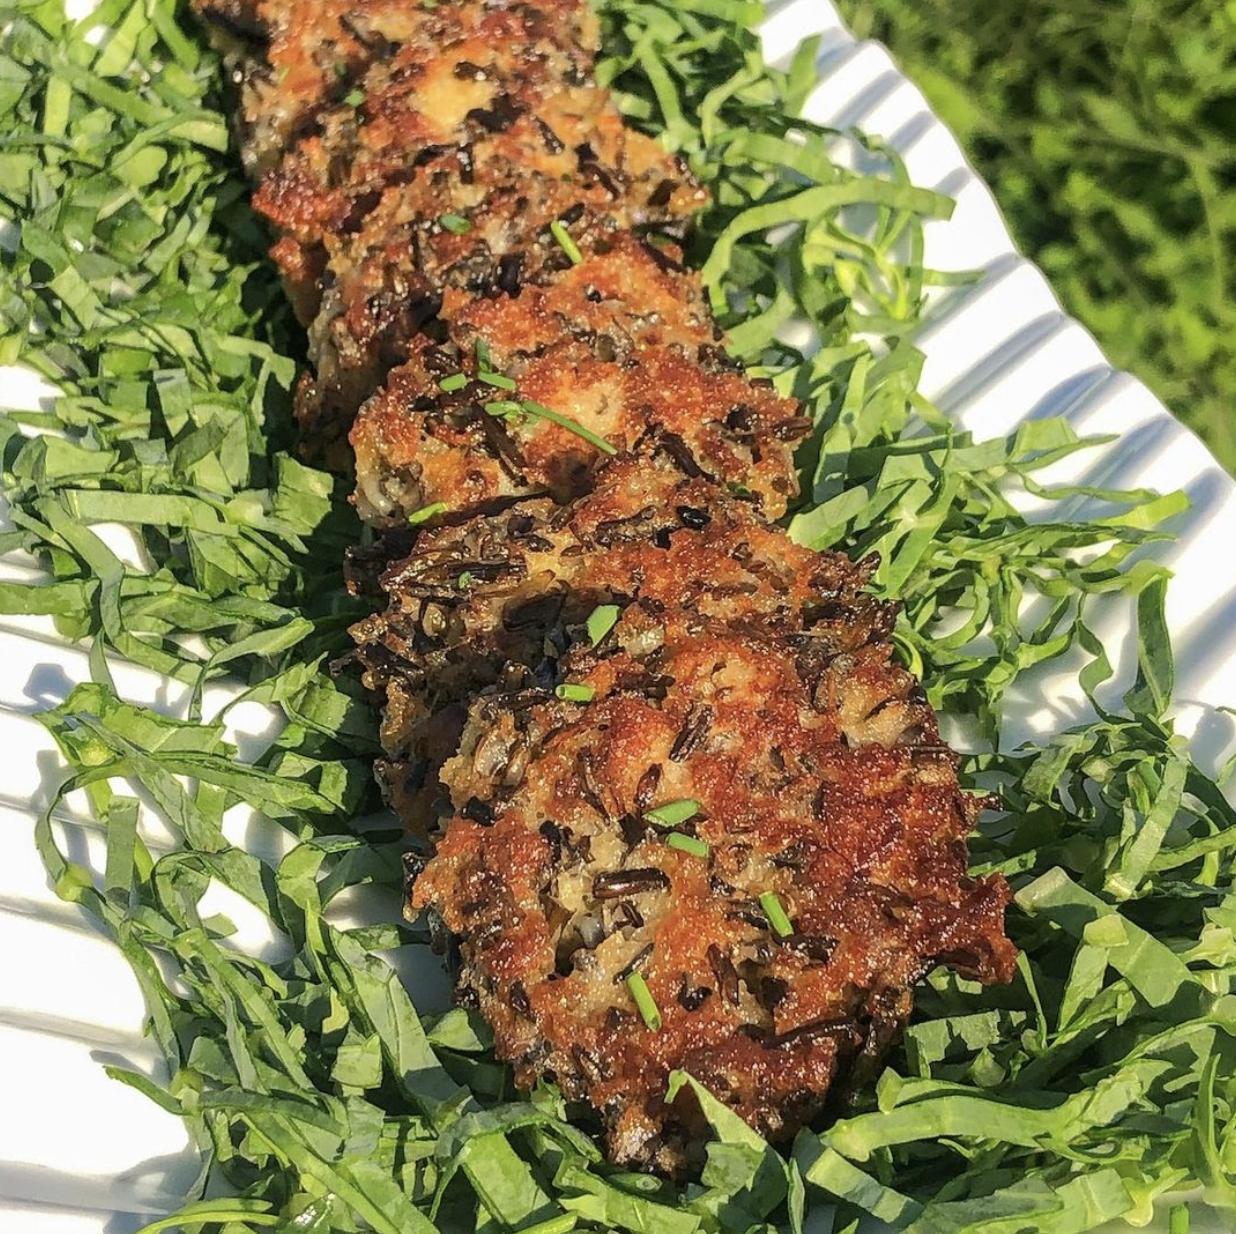 Oregon Wild Rice Bites recipe